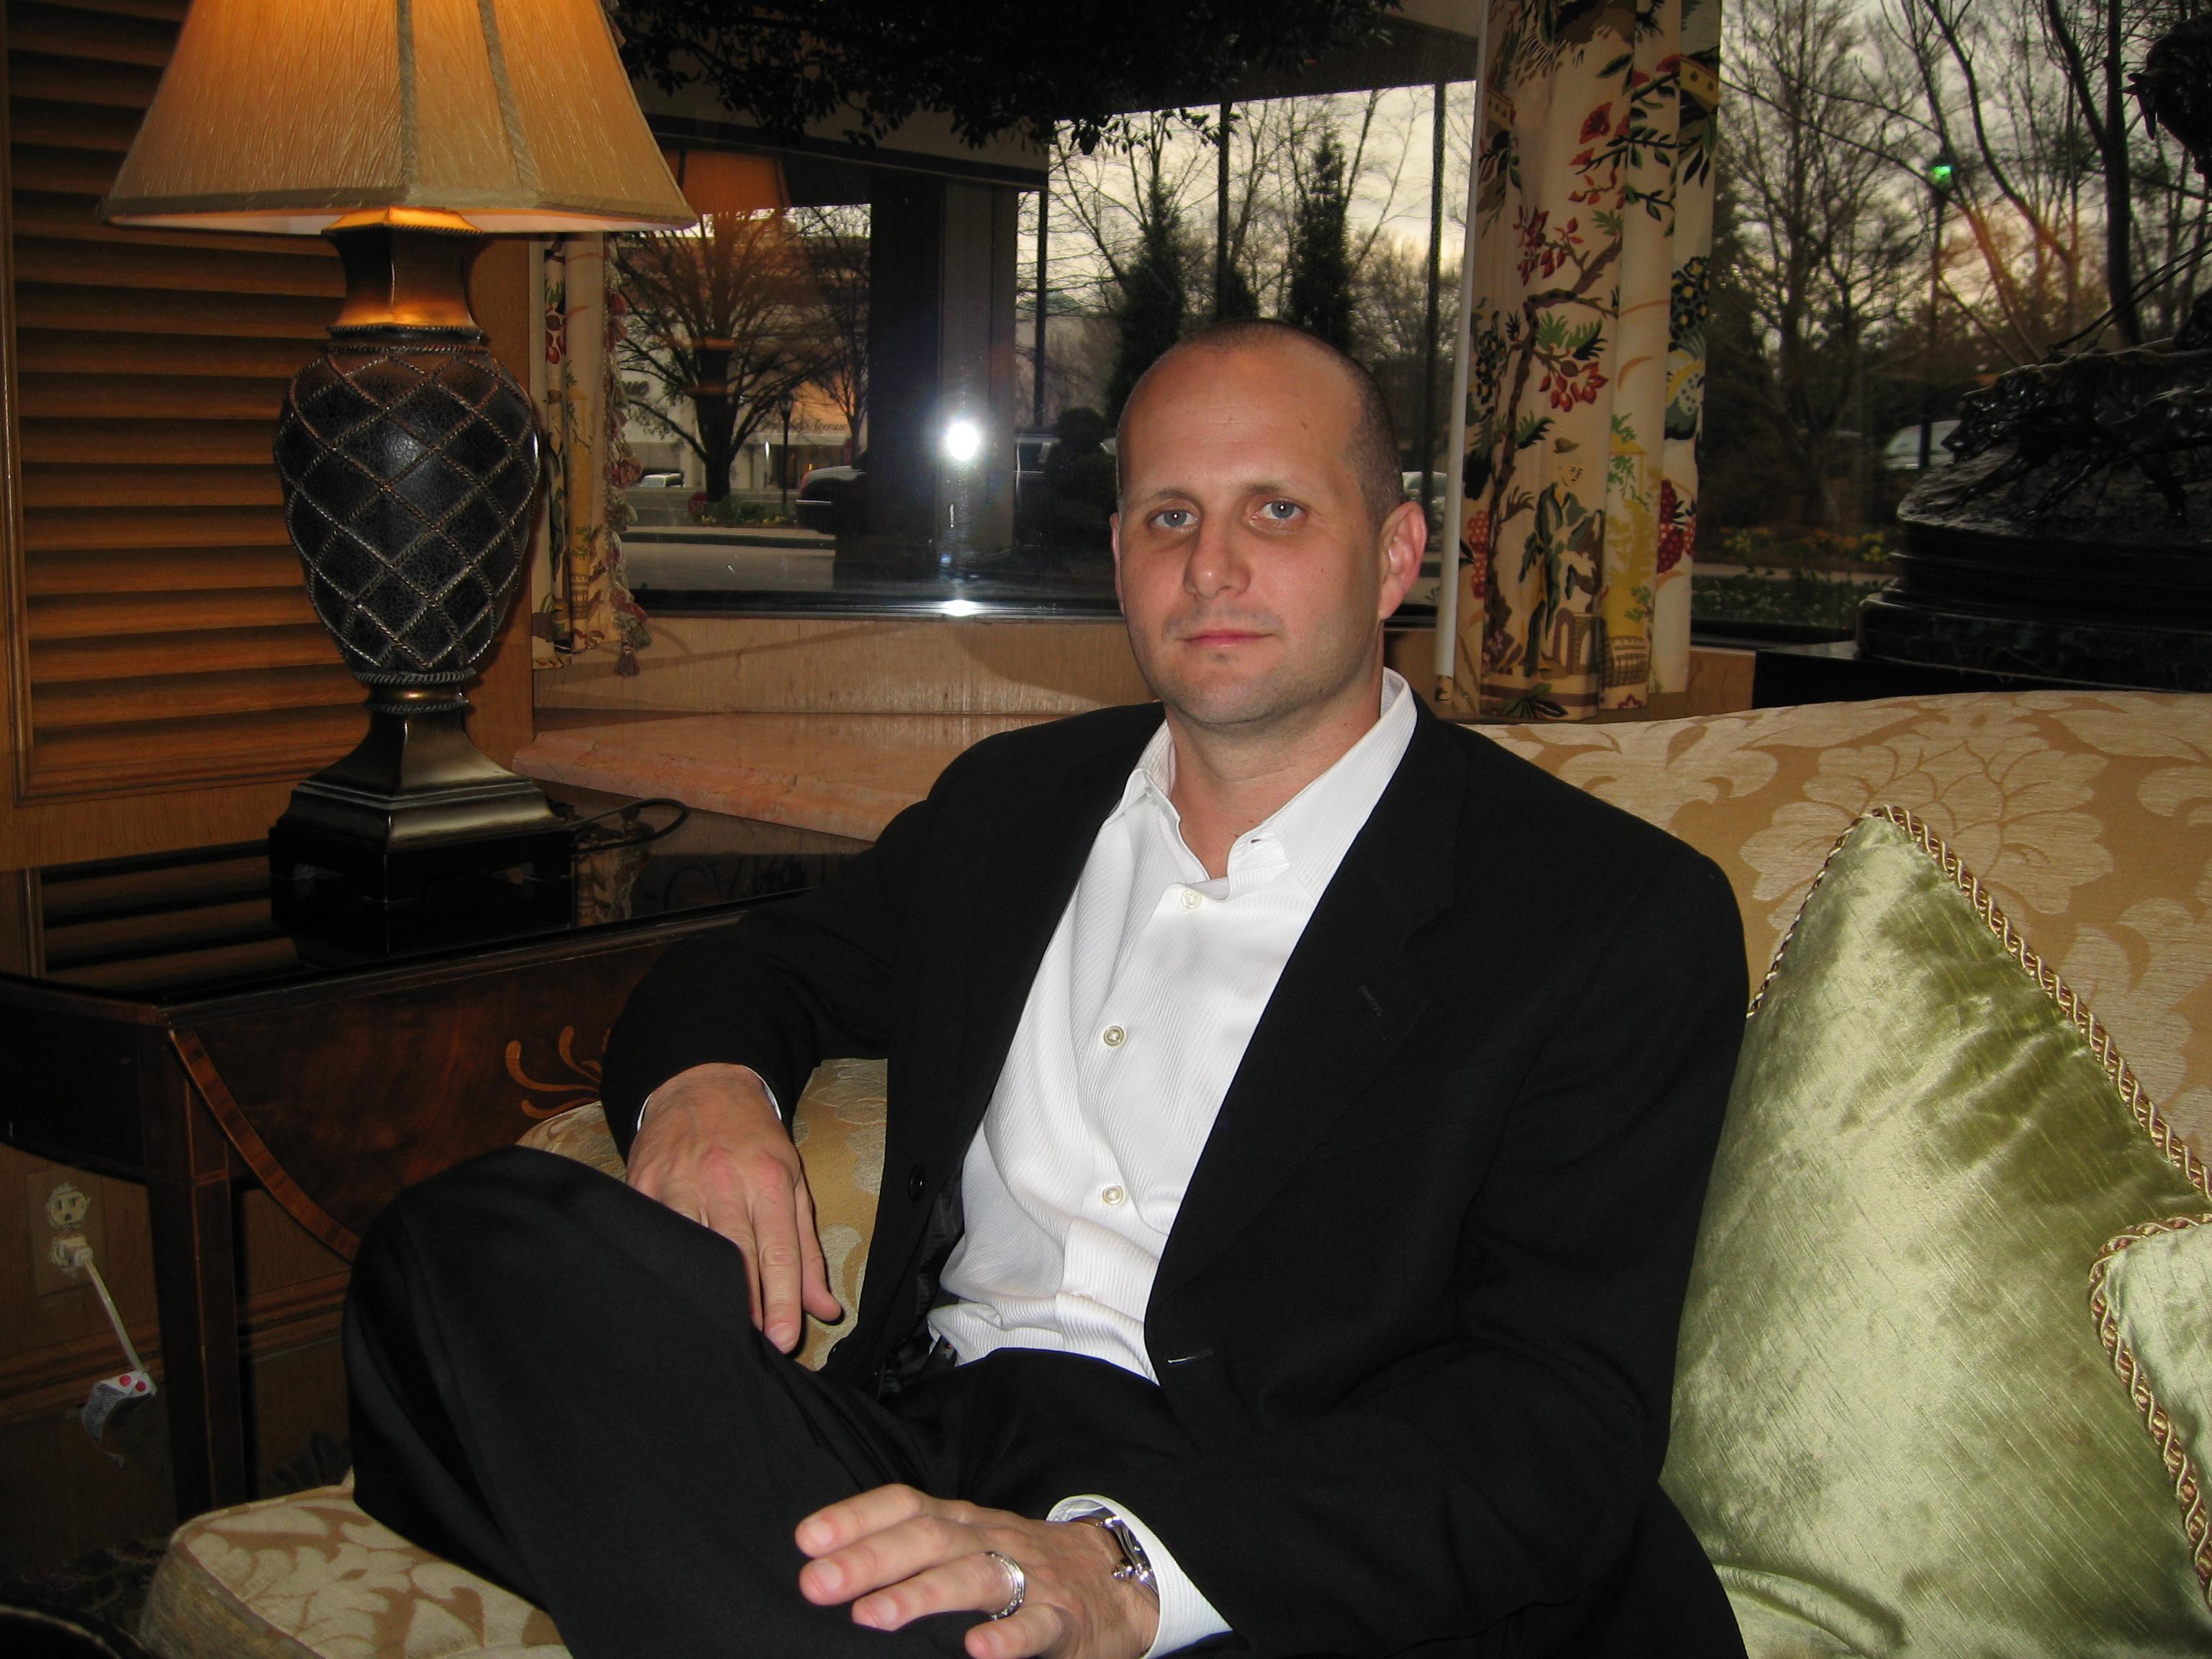 Andy Goren